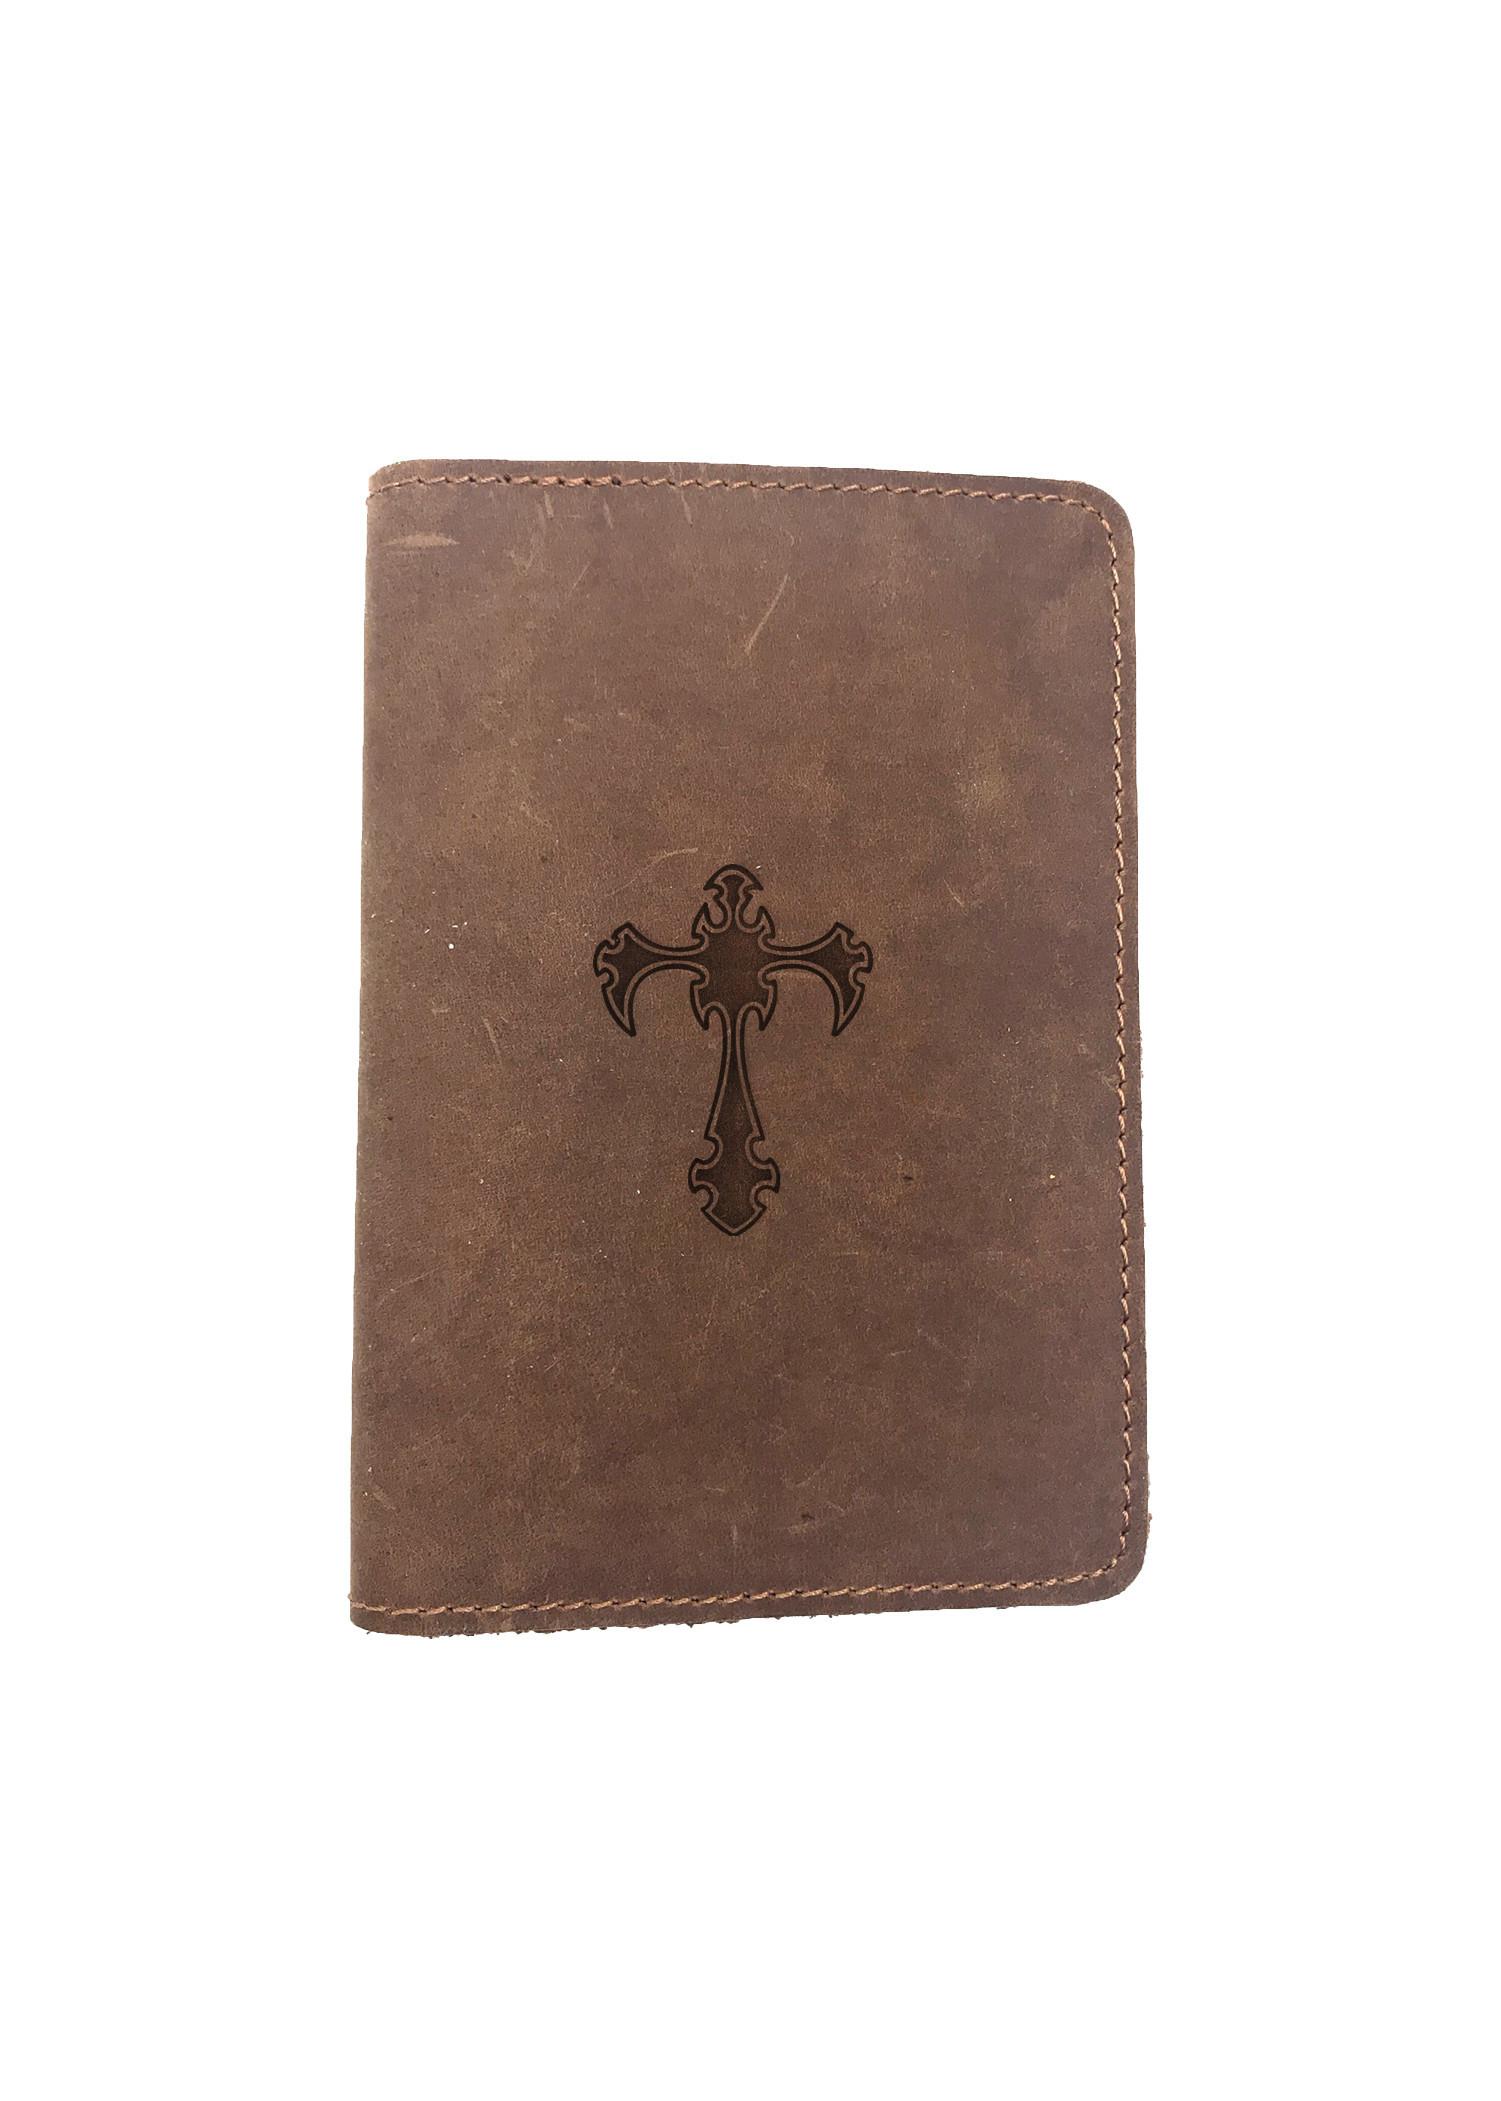 Passport Cover Bao Da Hộ Chiếu Da Sáp Khắc Hình Thánh giá CROSS 2 (BROWN)